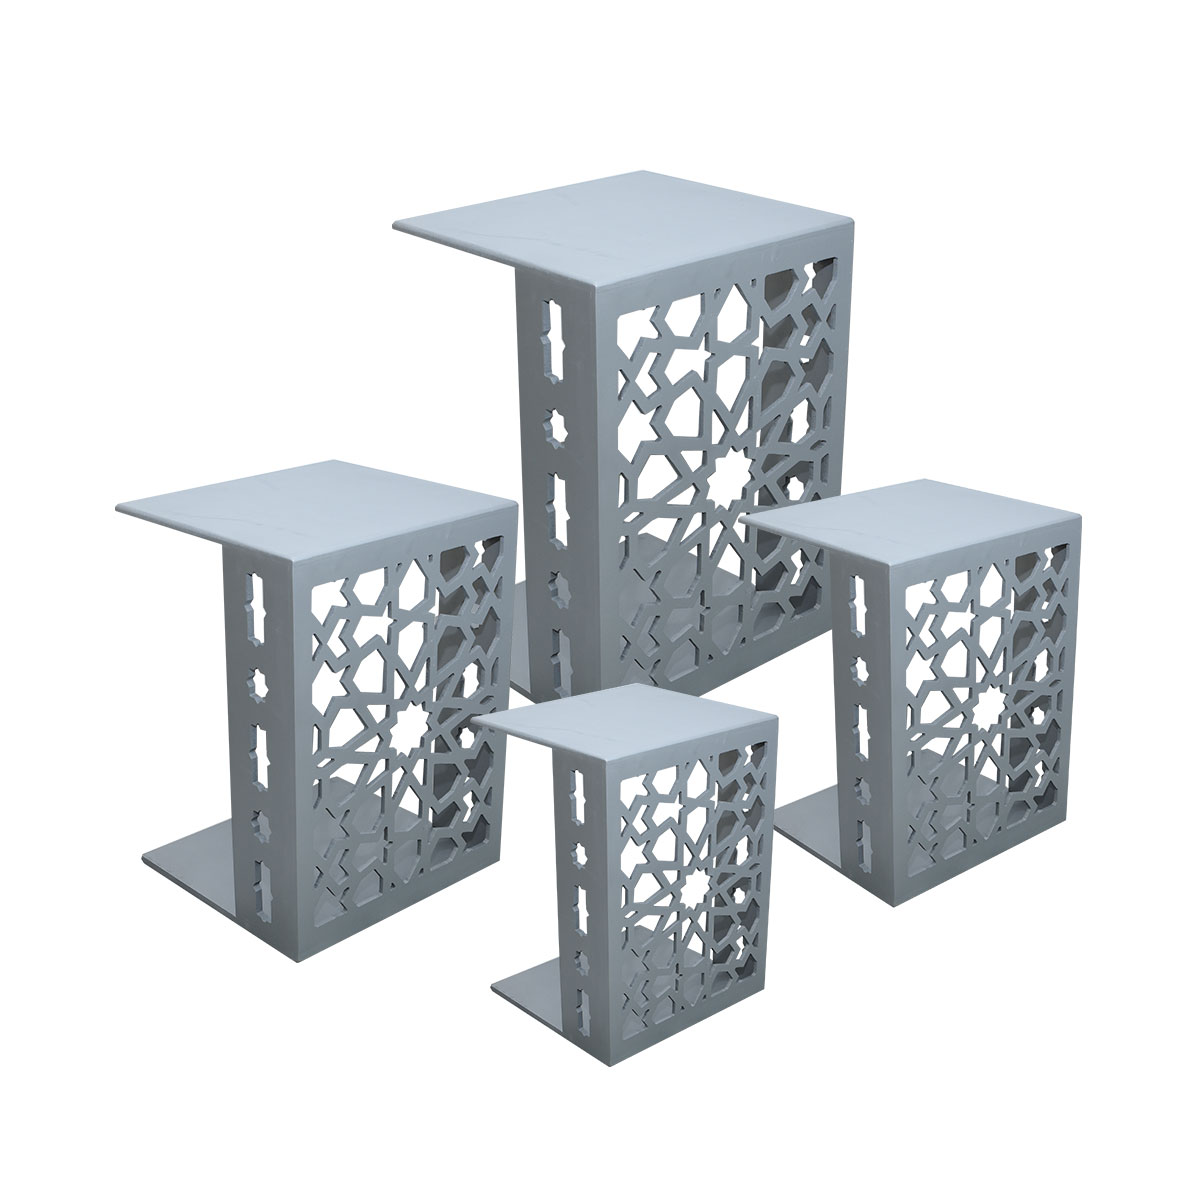 طاولة تقديم وخدمة خشب 4 قطع مزخرف متعددة الالوان